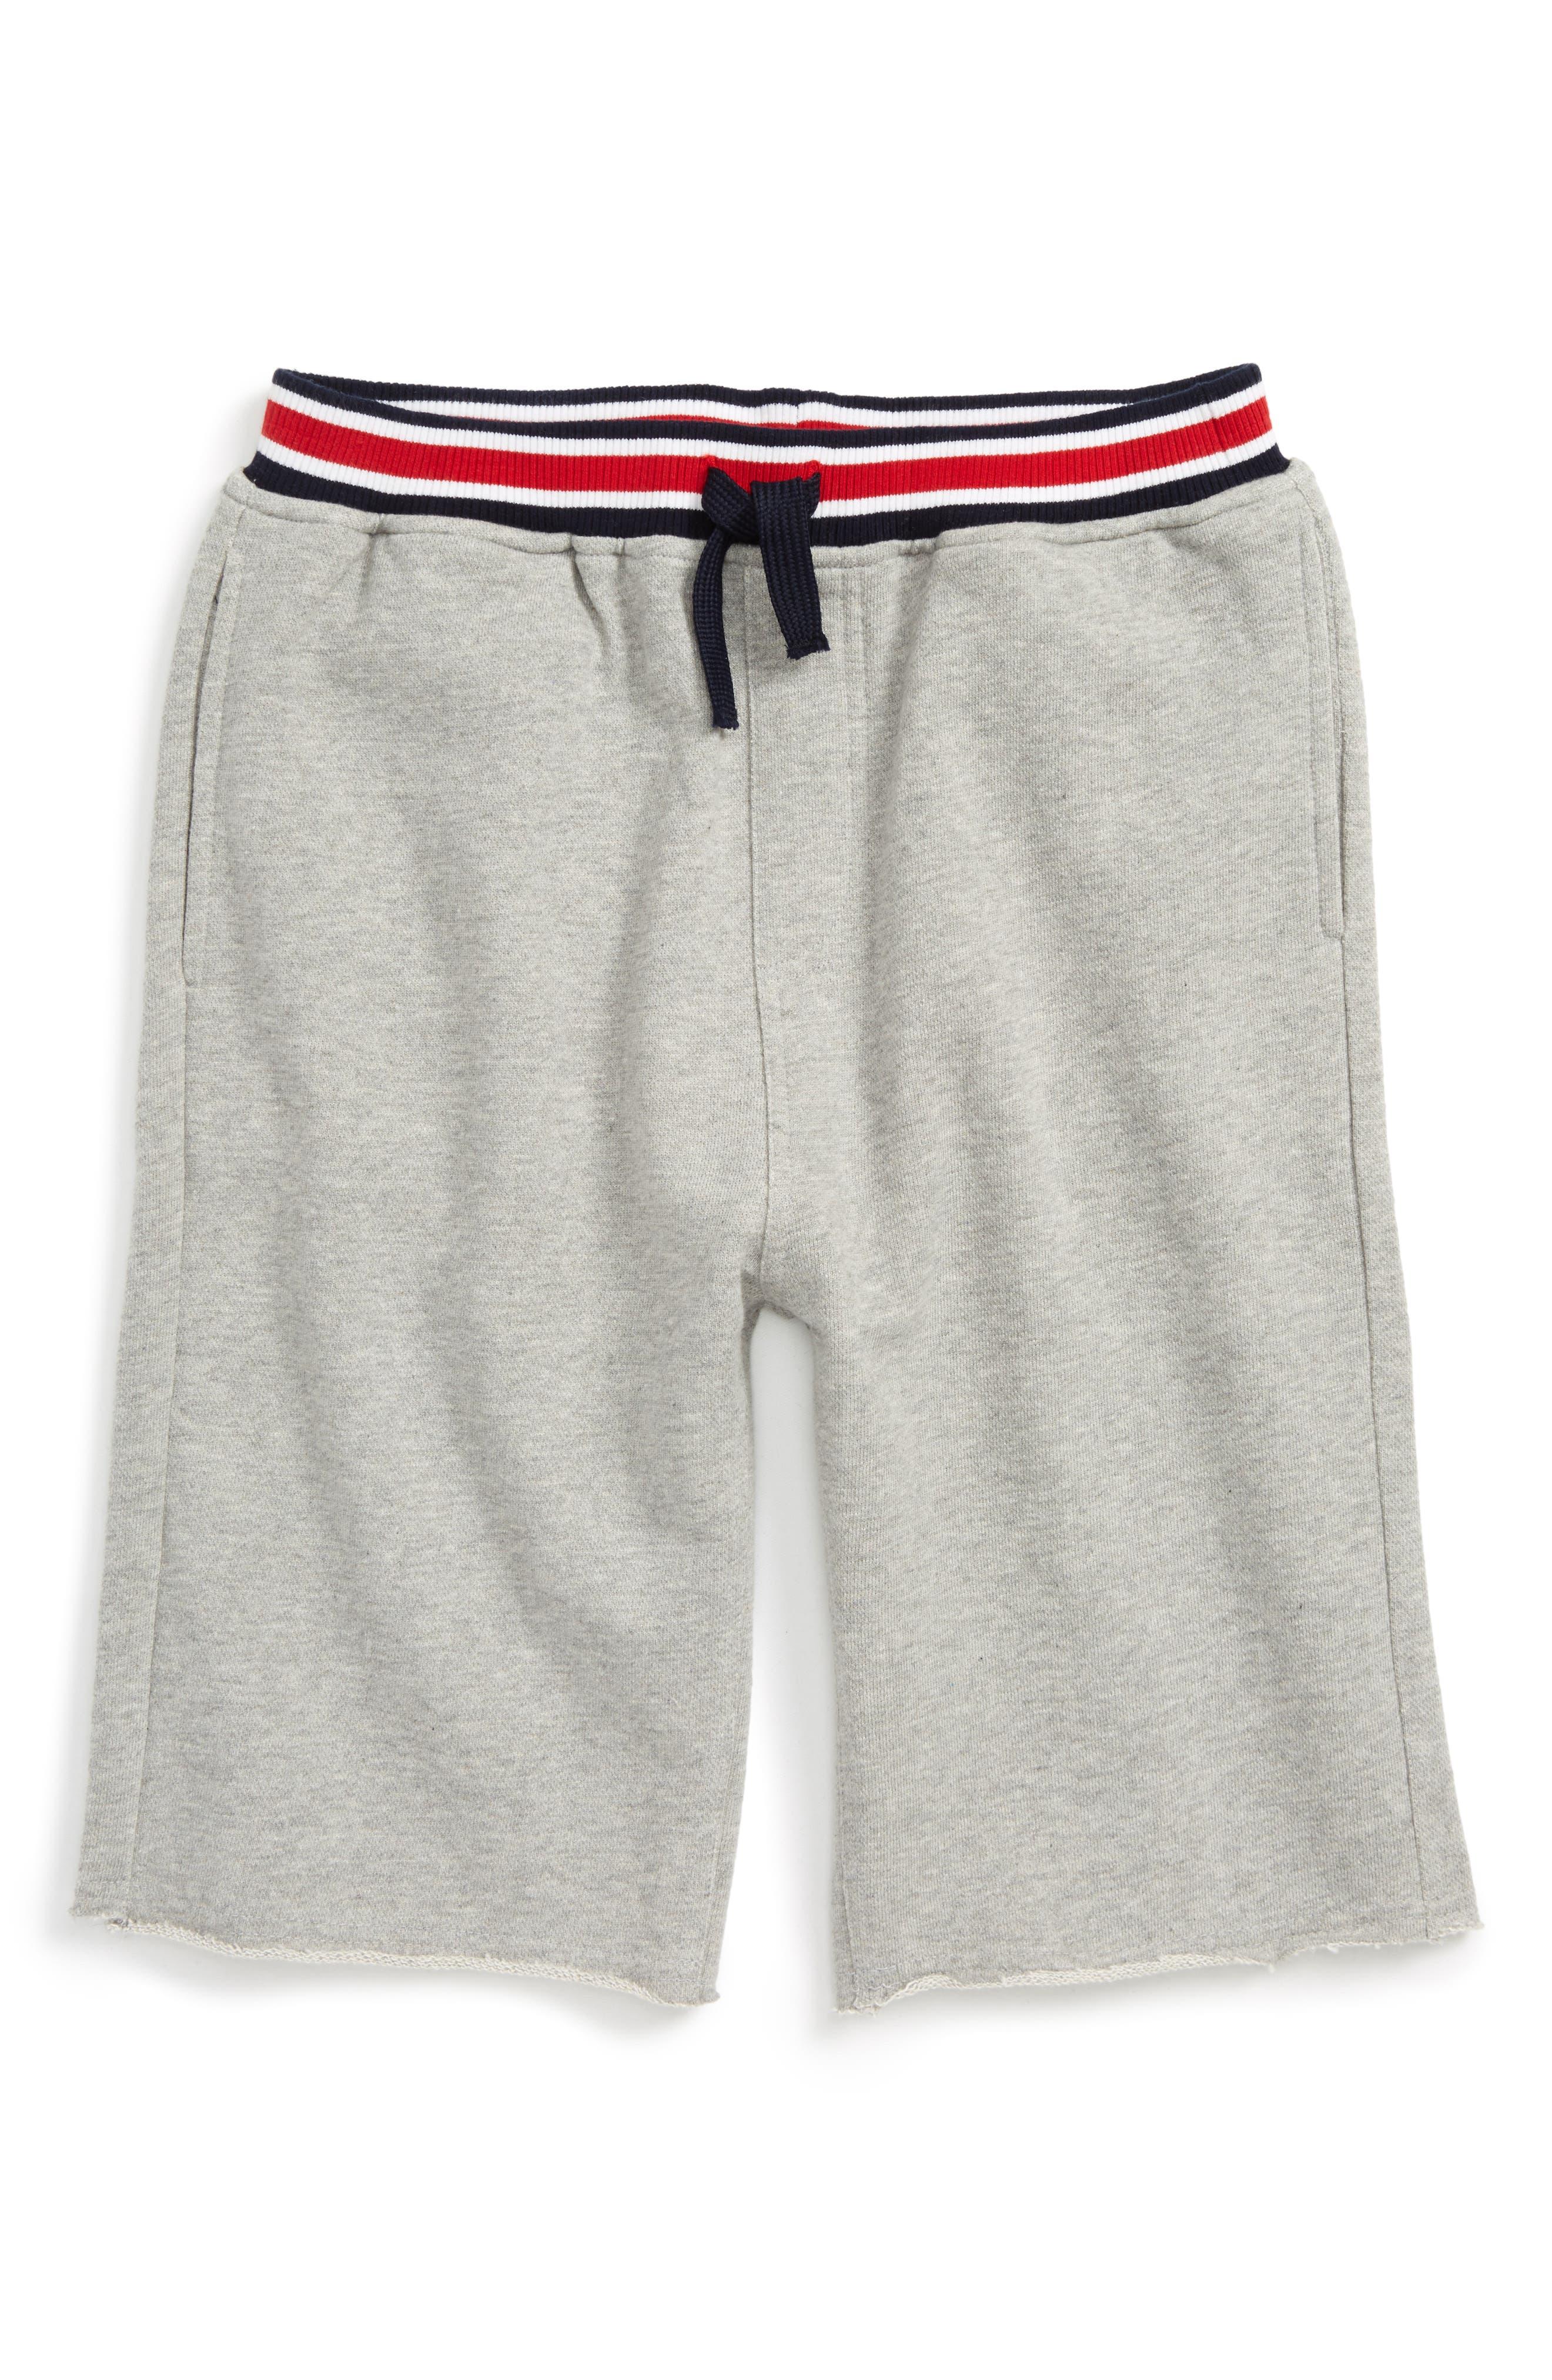 Varsity Knit Shorts,                         Main,                         color, 020